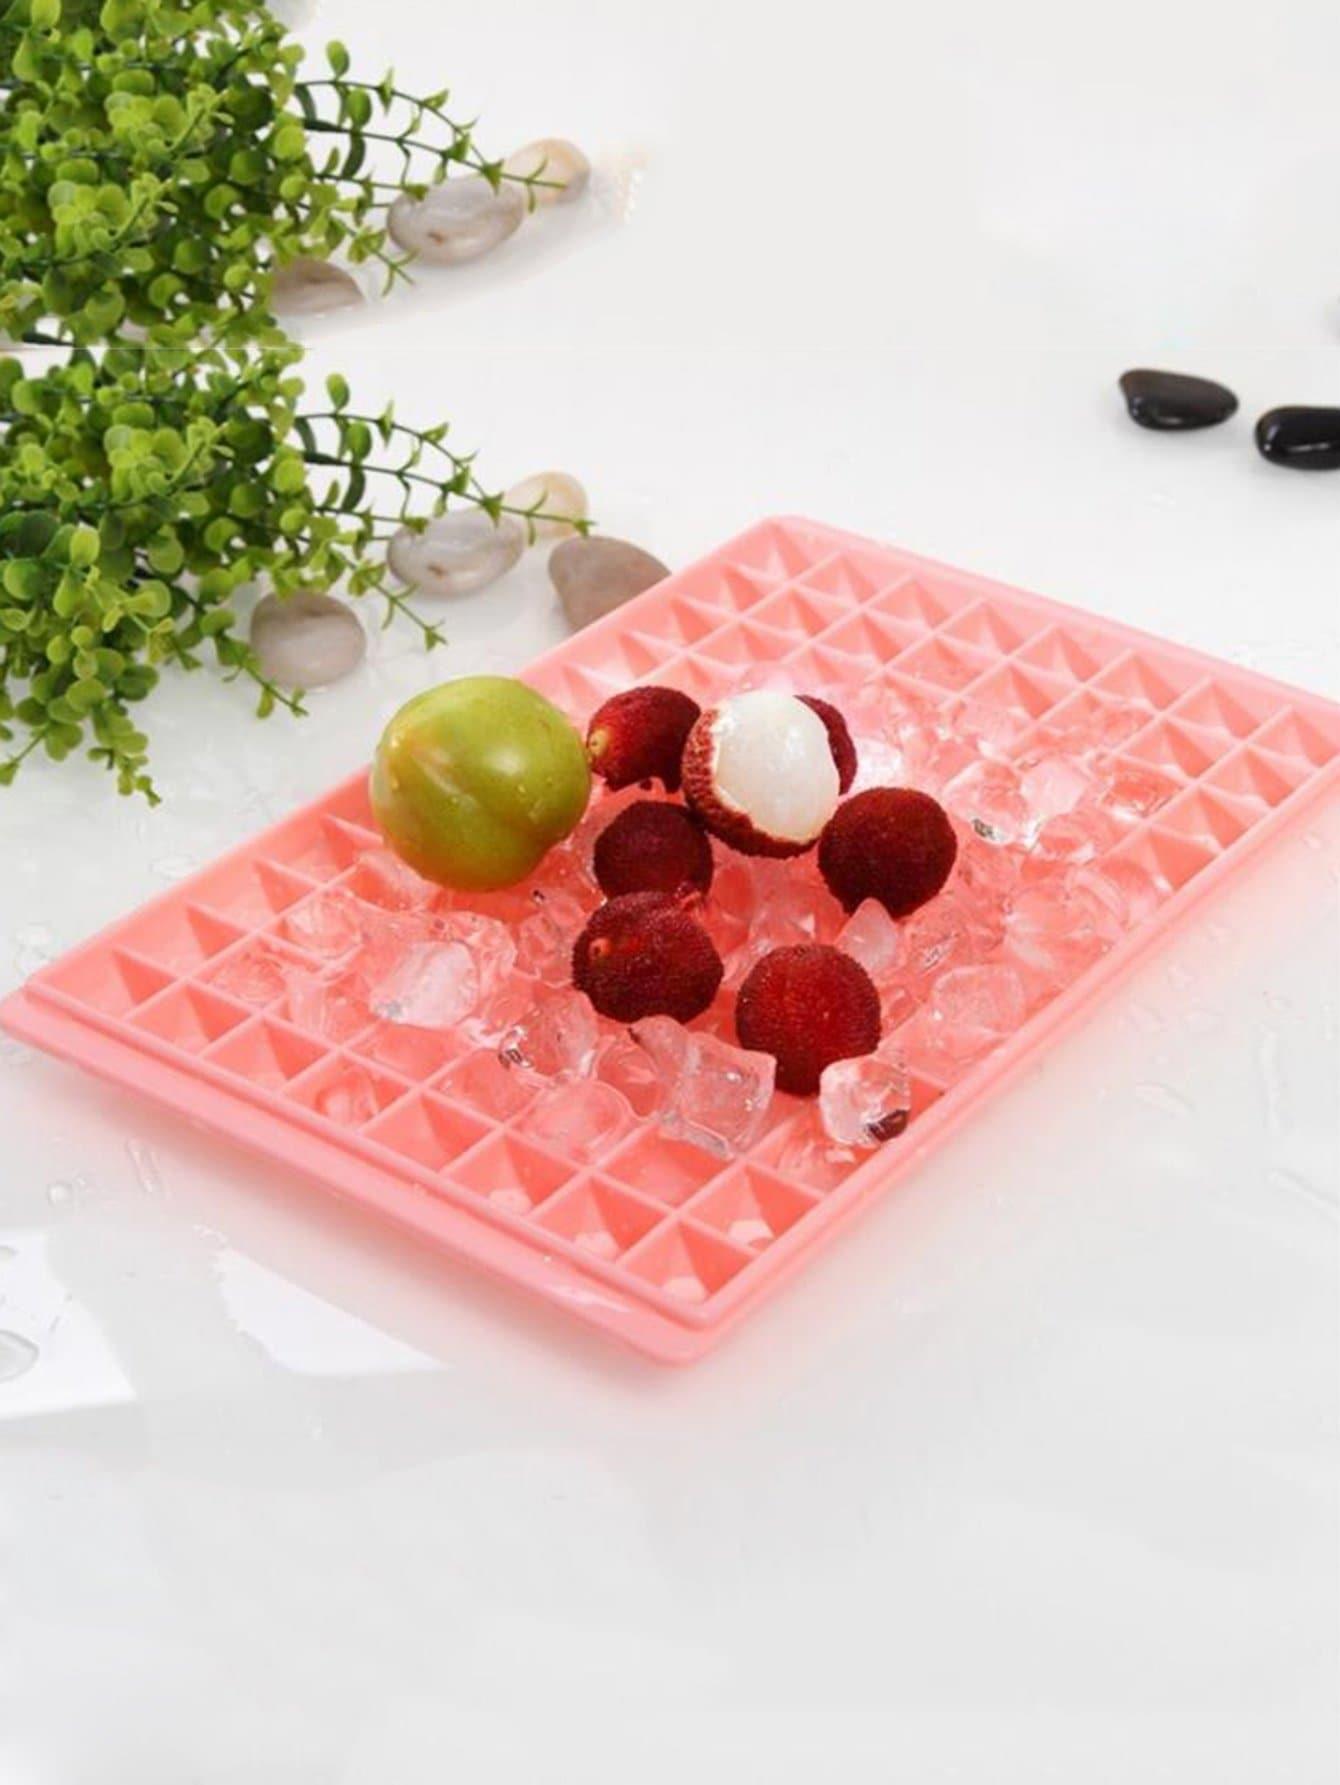 96 Lattice Ice Mold lattice ice mold